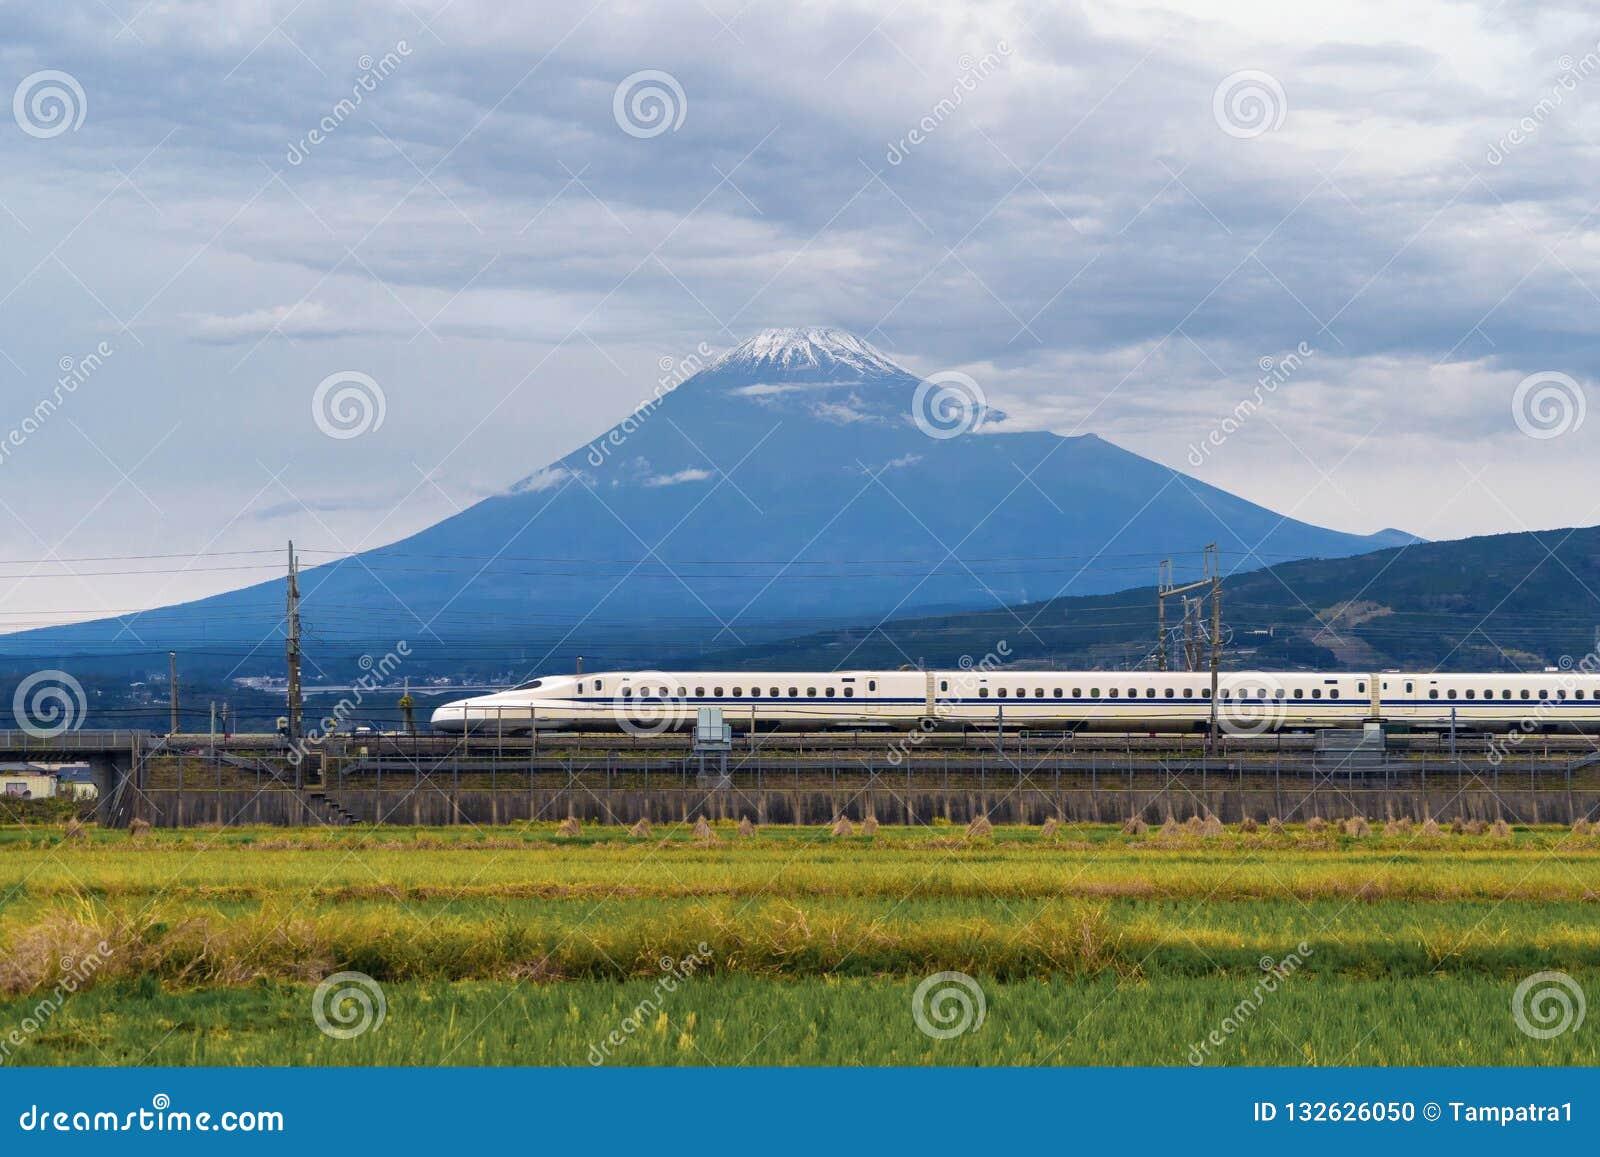 Tren de bala rápido, conduciendo y pasando la montaña Fuji cerca de Tokio